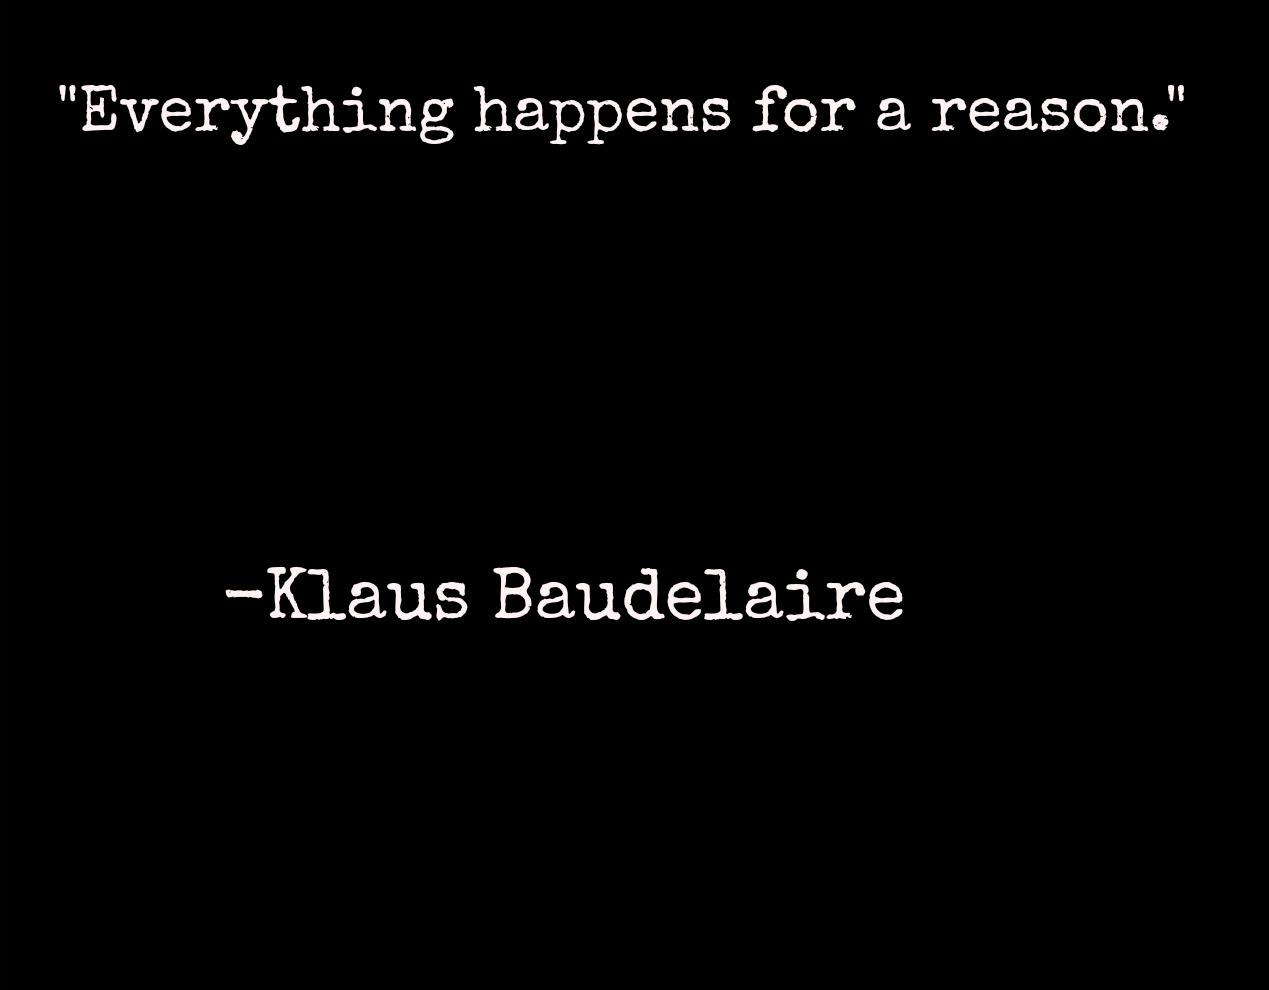 Klaus Baudelaire Fanfictions Images Klaus Baudelaire Quote Hd